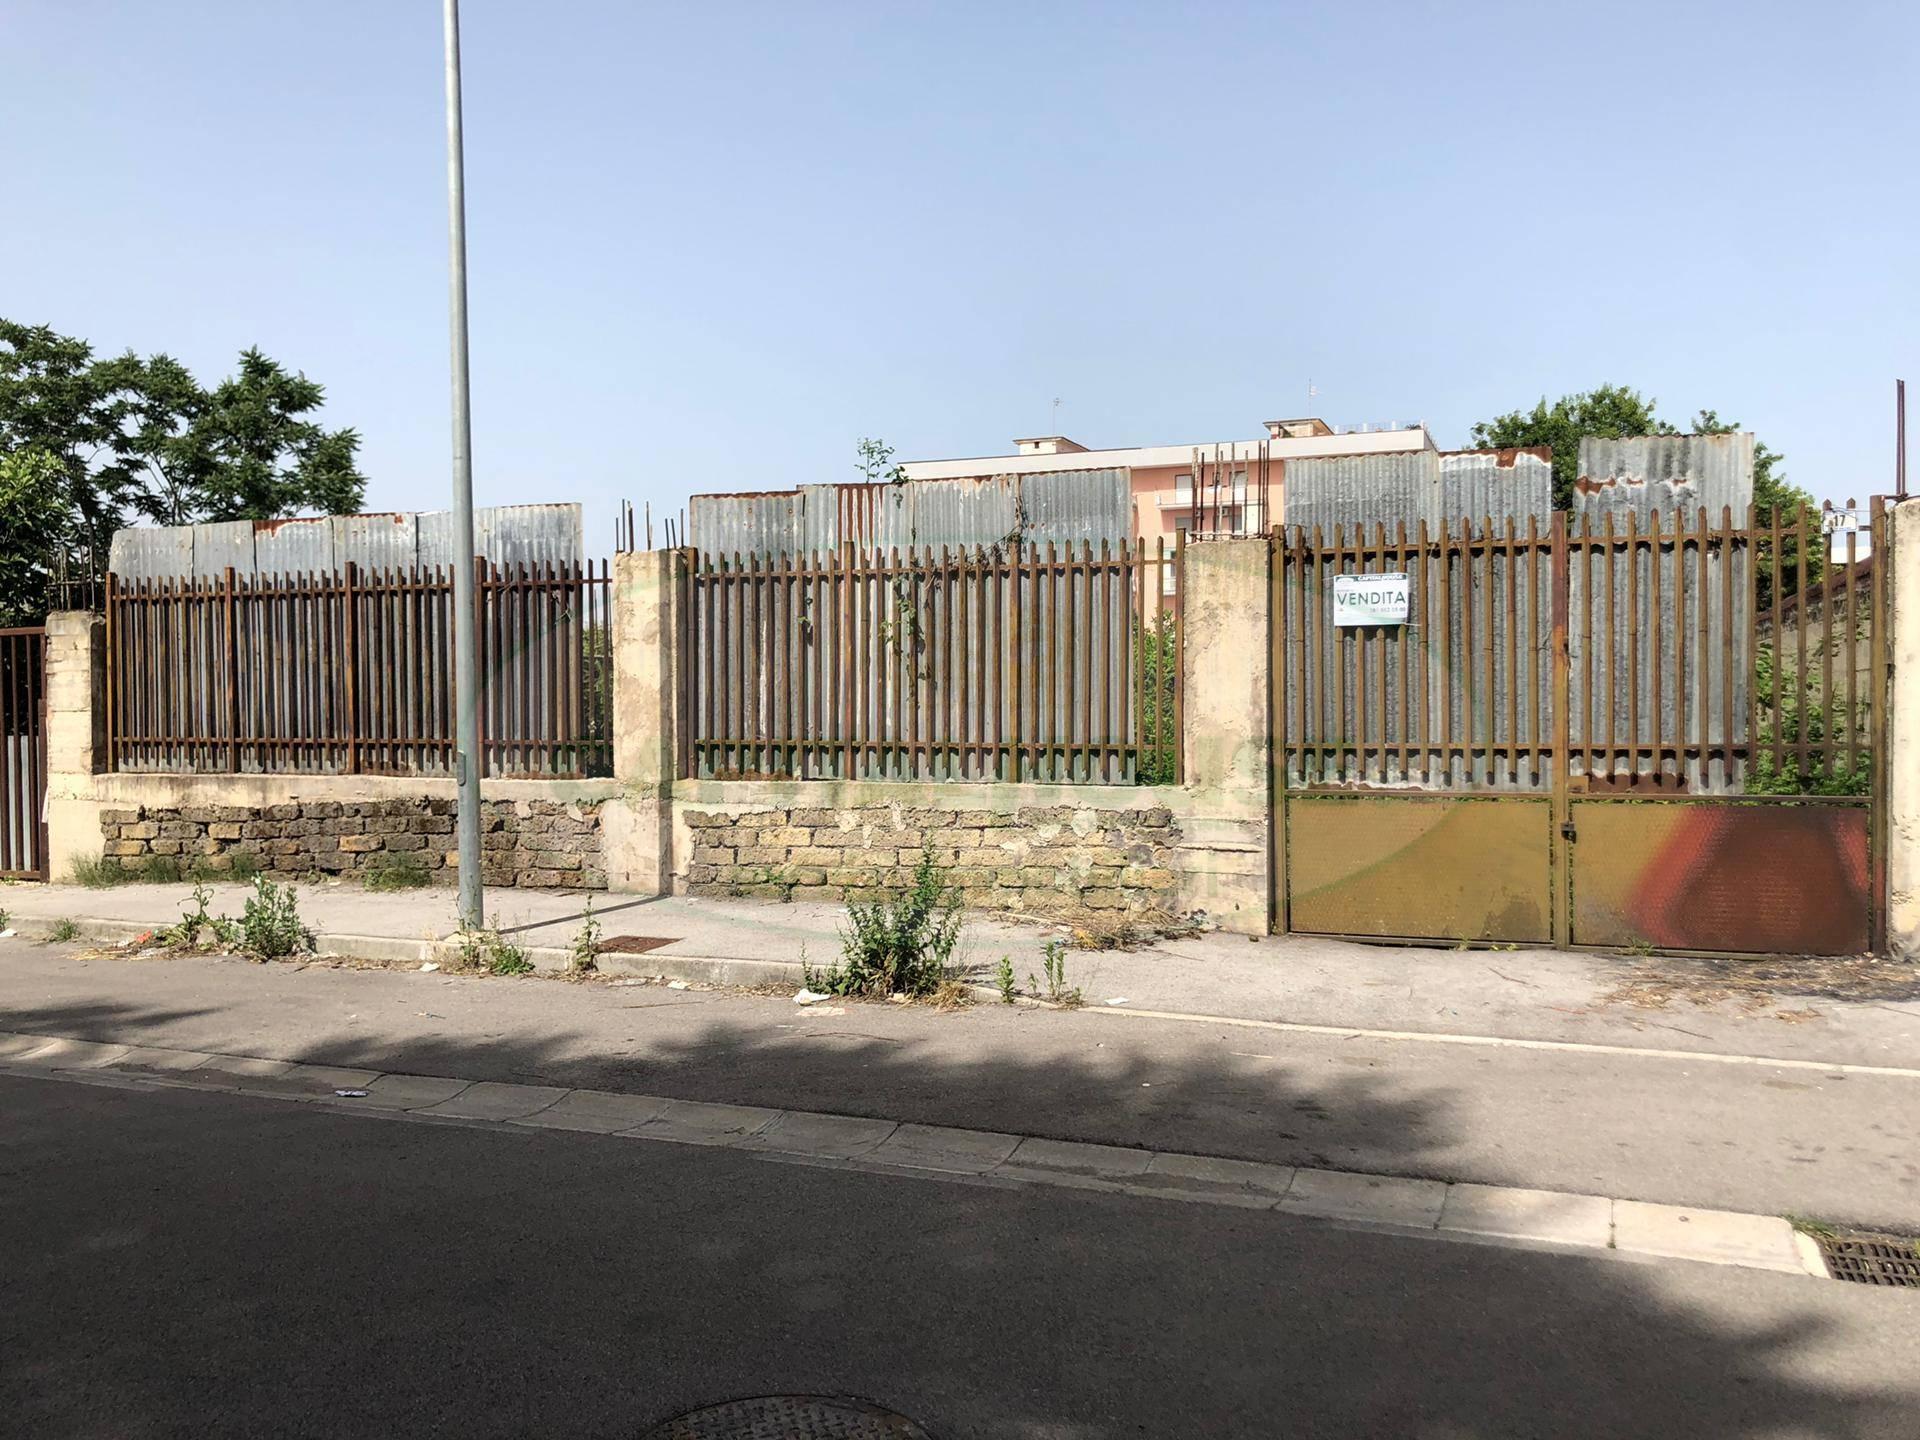 Terreno Agricolo in vendita a Frattamaggiore, 9999 locali, prezzo € 45.000 | CambioCasa.it